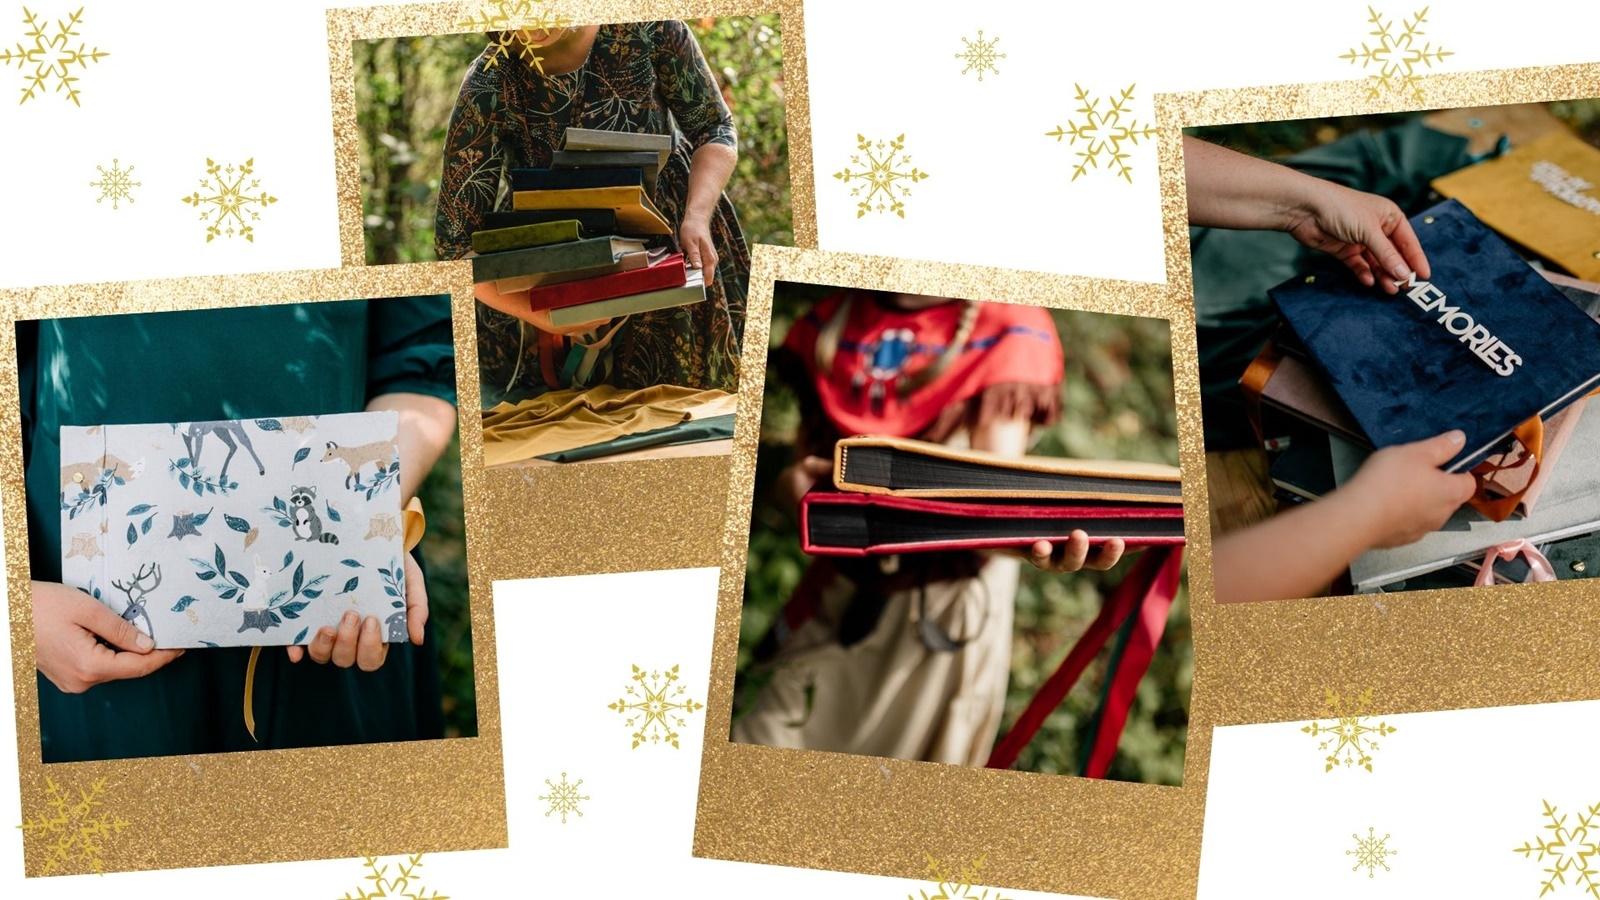 pomysł na prezent album na fotografie polaroid co kupic dziewczynie mamie tacie na swieta prezentownik rękodzieło nietyowe prezenty na boze narodzenie